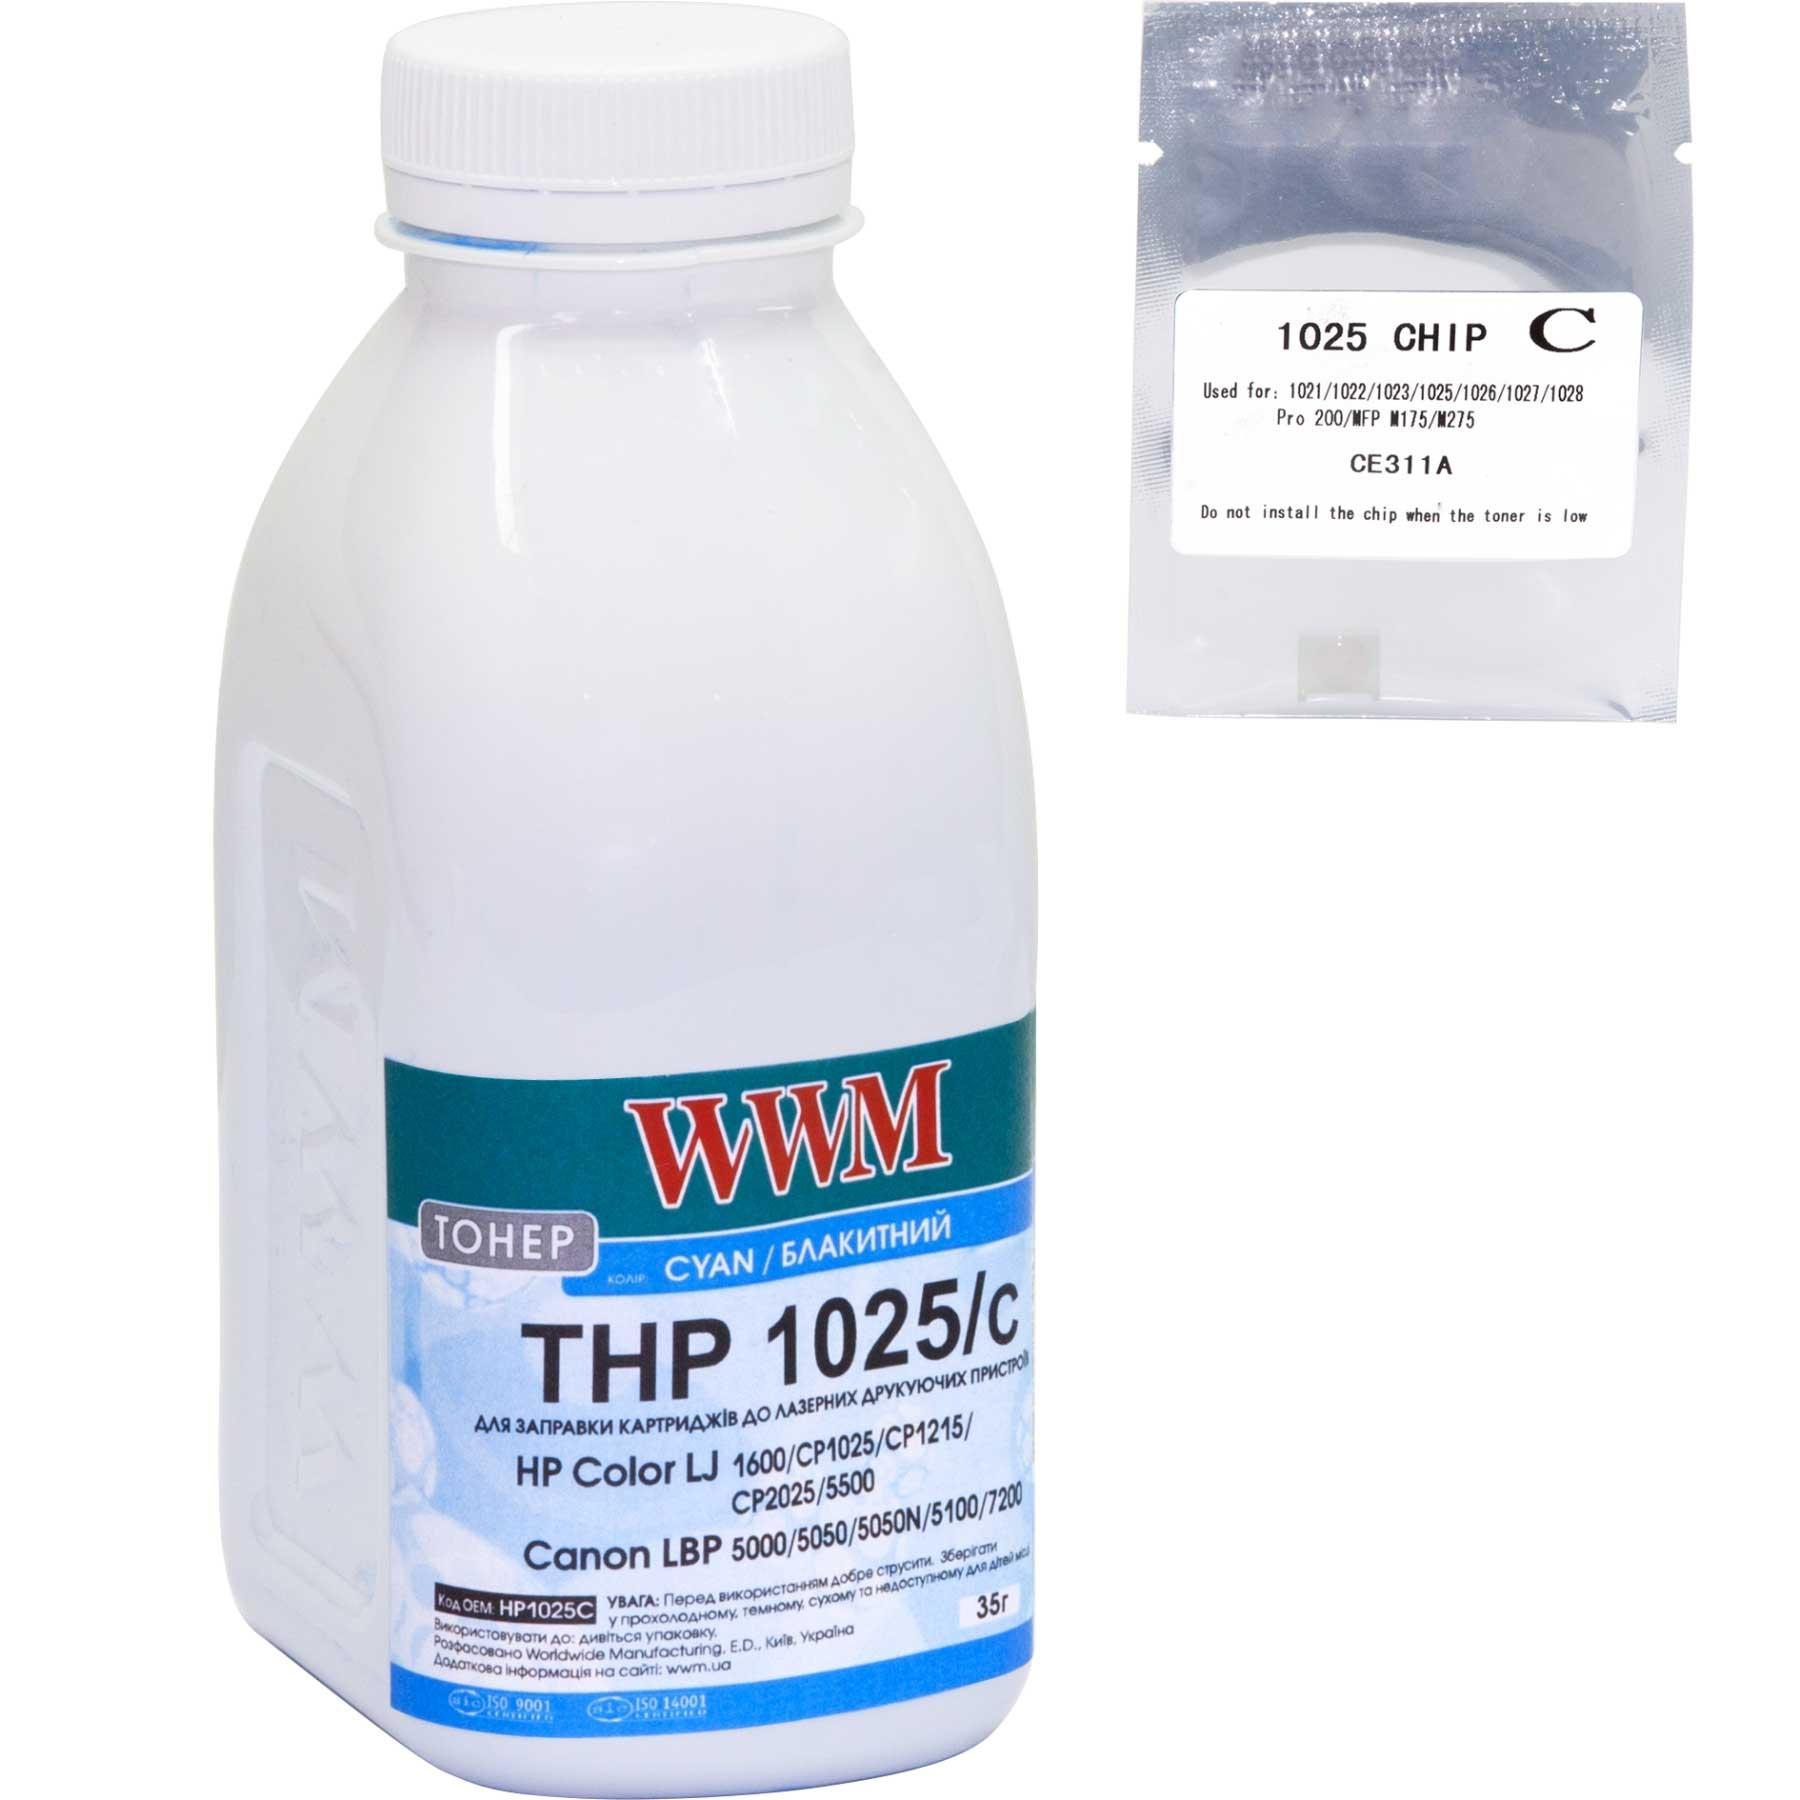 Купить Тонер + чіп WWM HP CLJ CP1025 блакитний, TC1025C